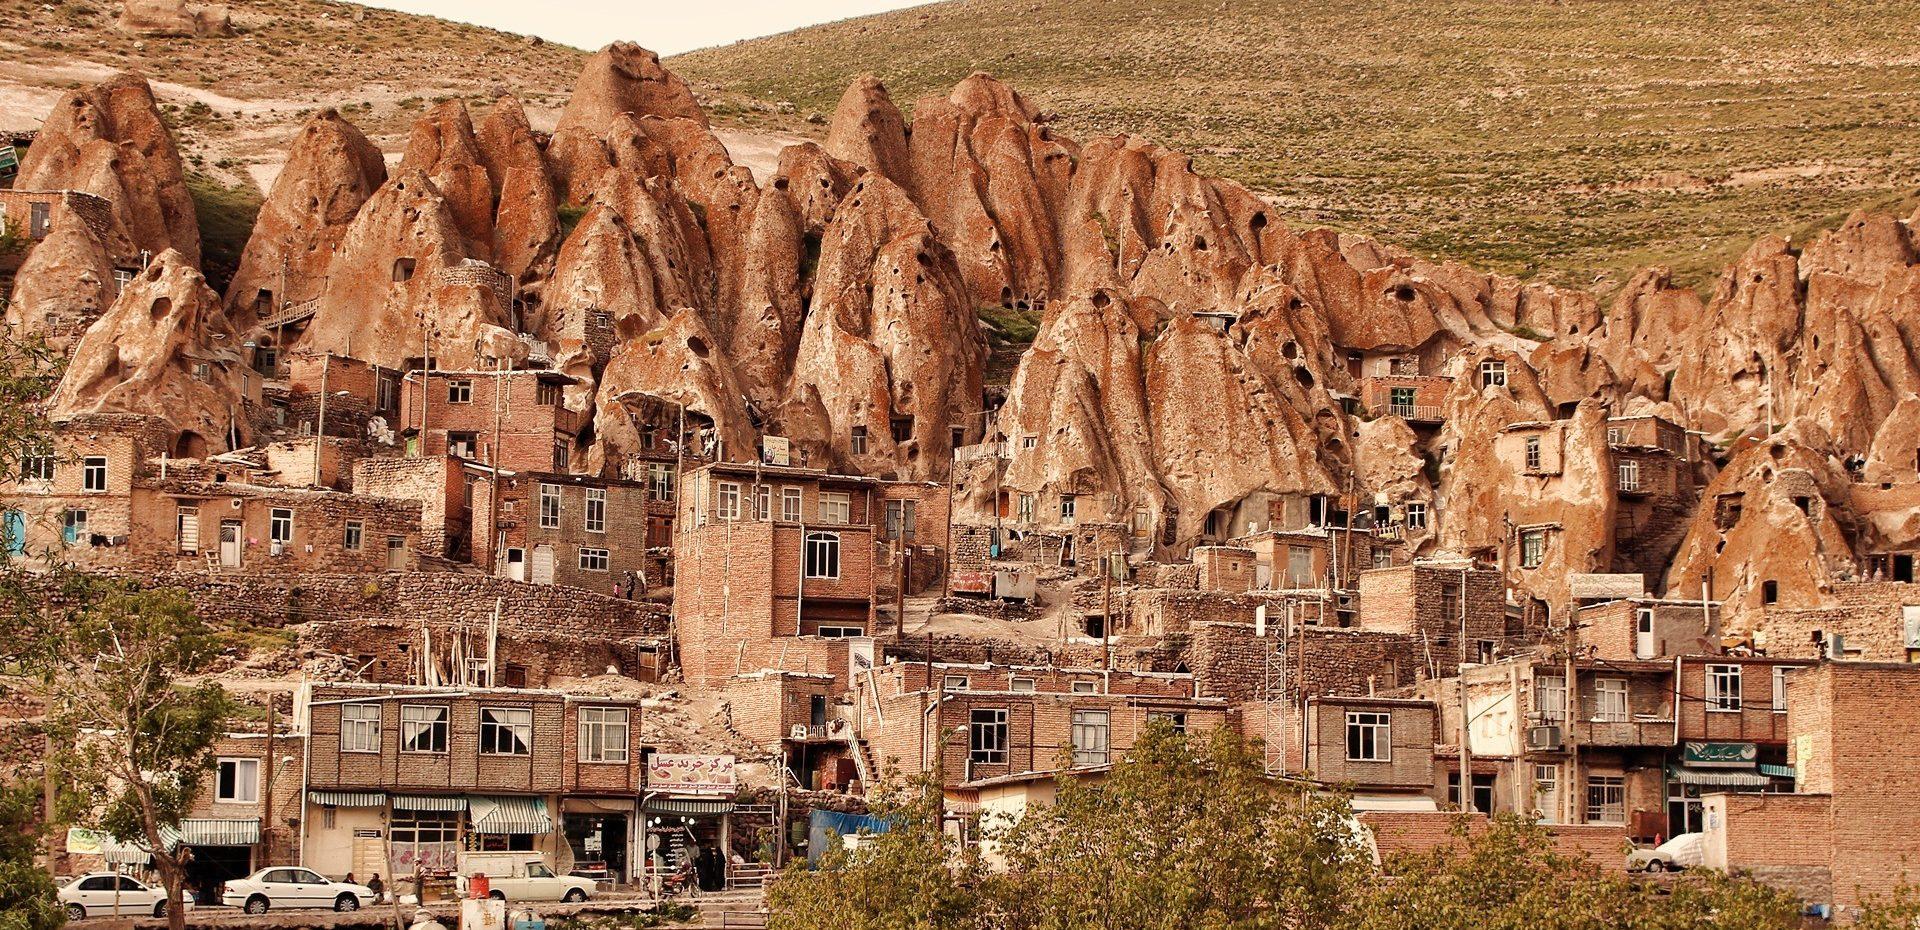 زیباترین روستاهای ایران ،بیفاصله با تن طبیعت